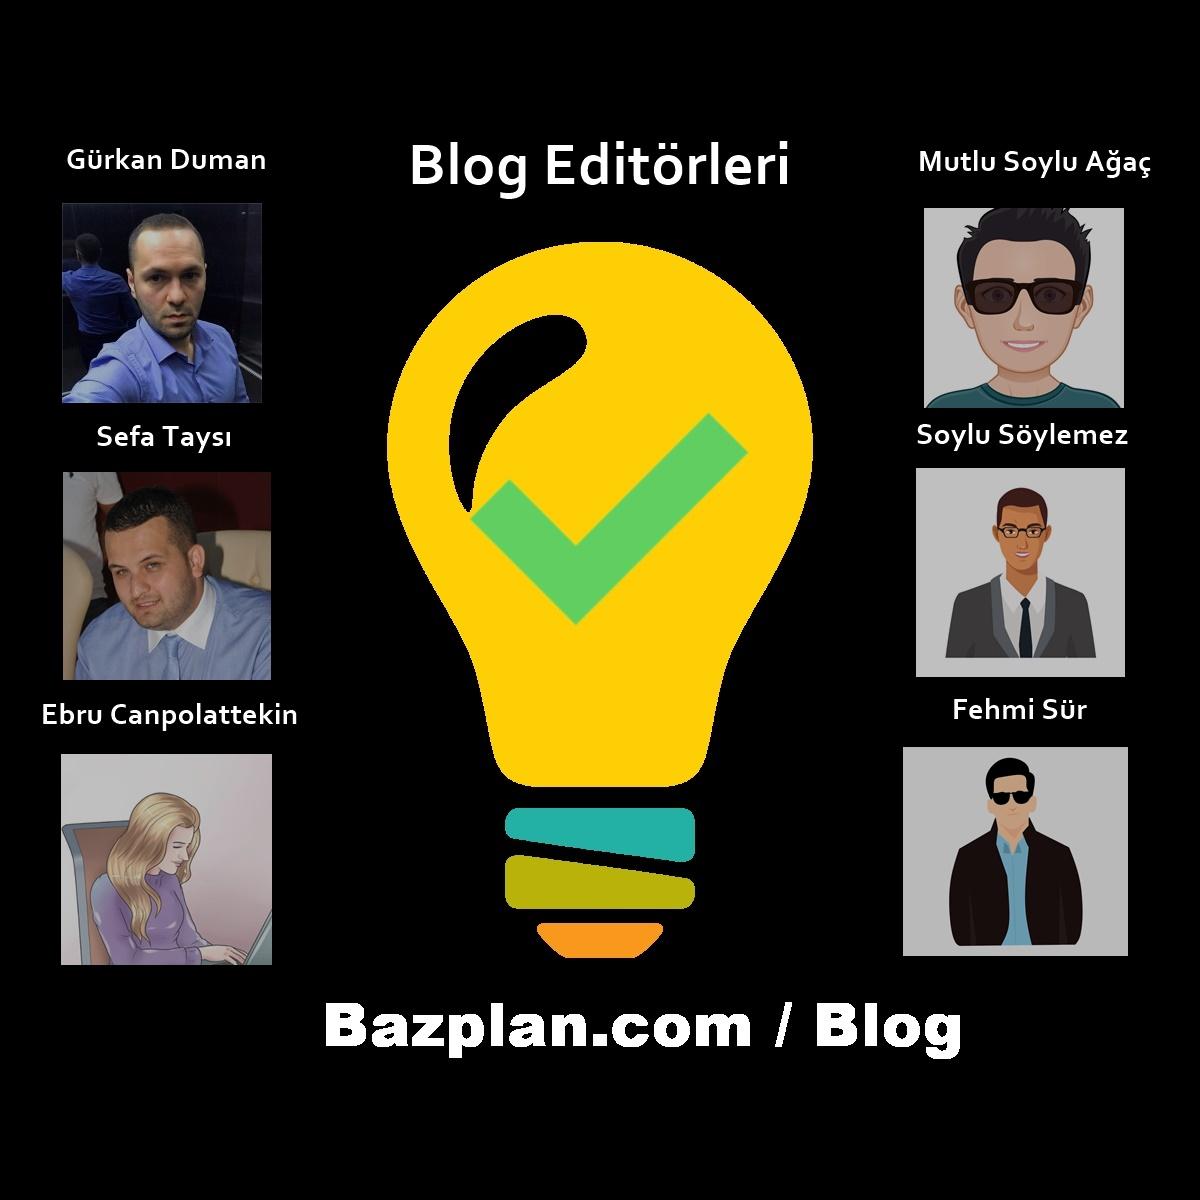 Bazplan Aydınlatma Editörleri Blog Yazarları